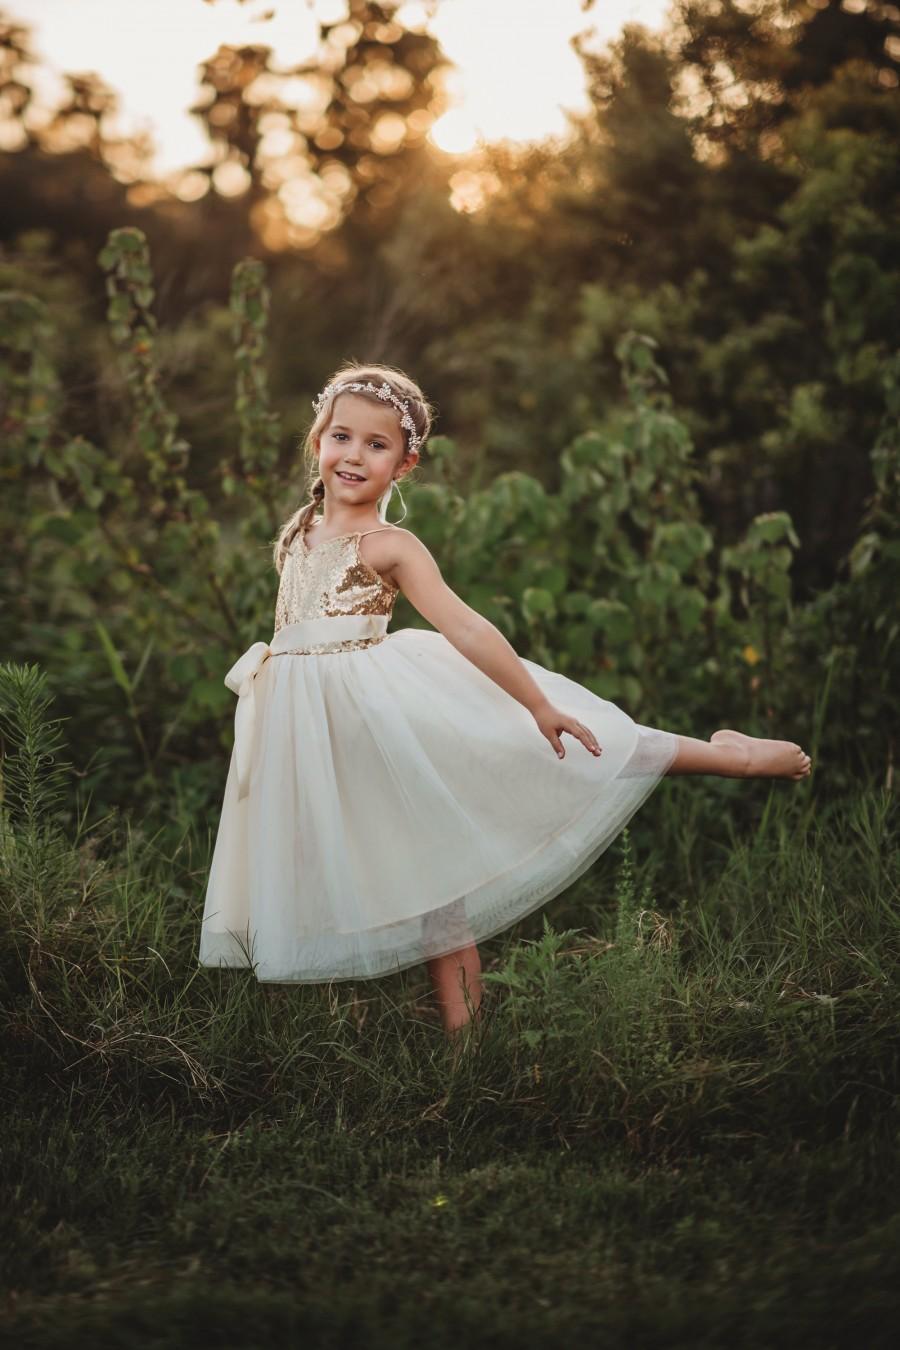 زفاف - Gold sequin dress,flower girl dress,ivory girls dress,junior bridesmaid dresses,dress with sequins,fancy girls dress,birthday girl dress